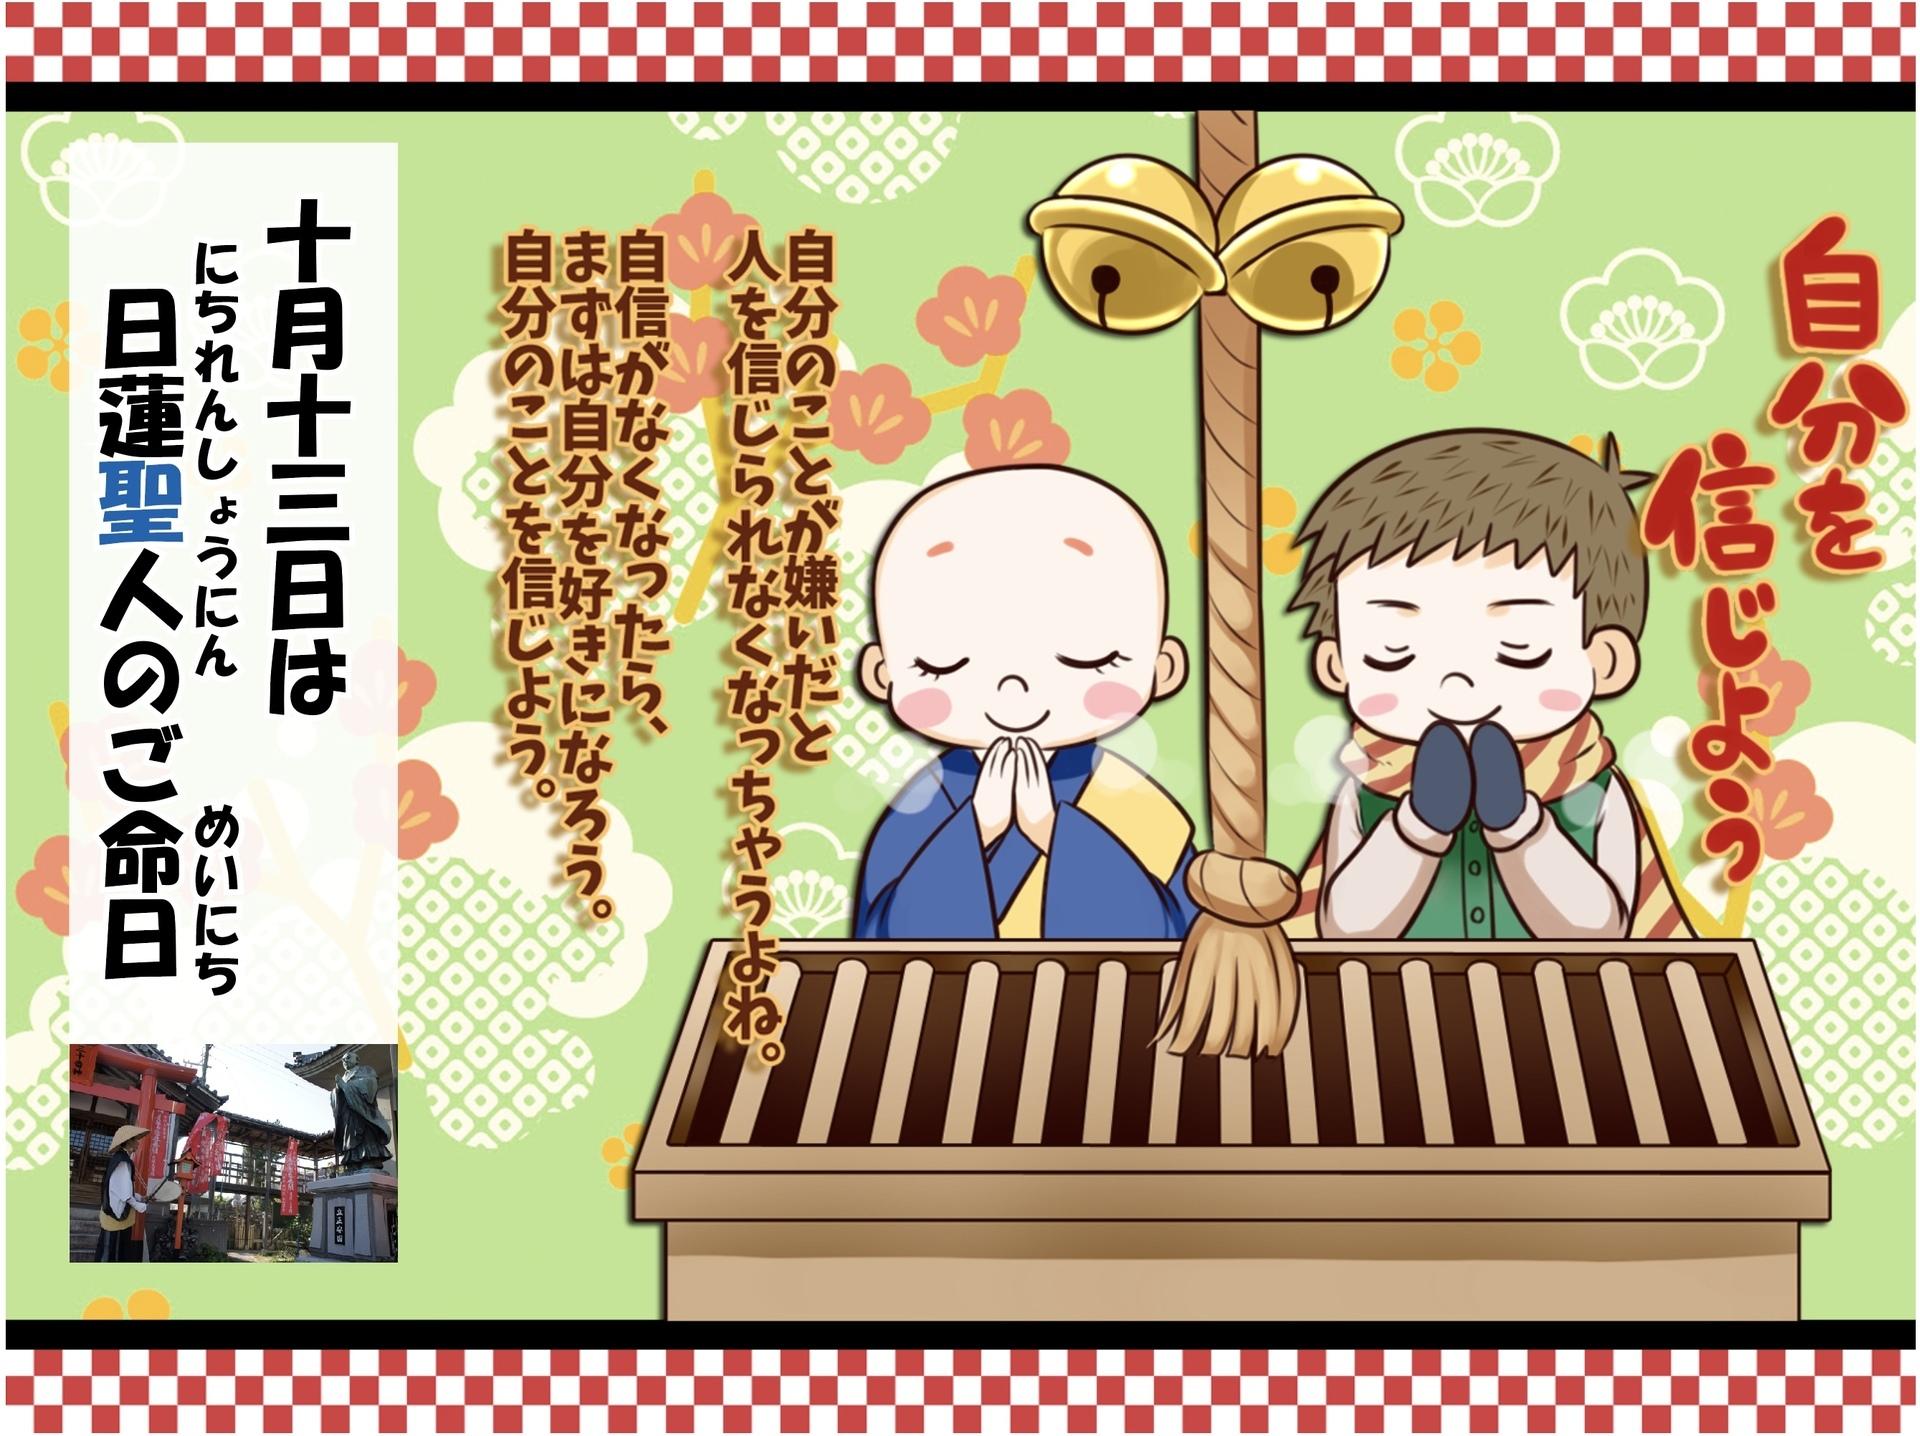 お菓子詰め合わせ教箋.jpeg